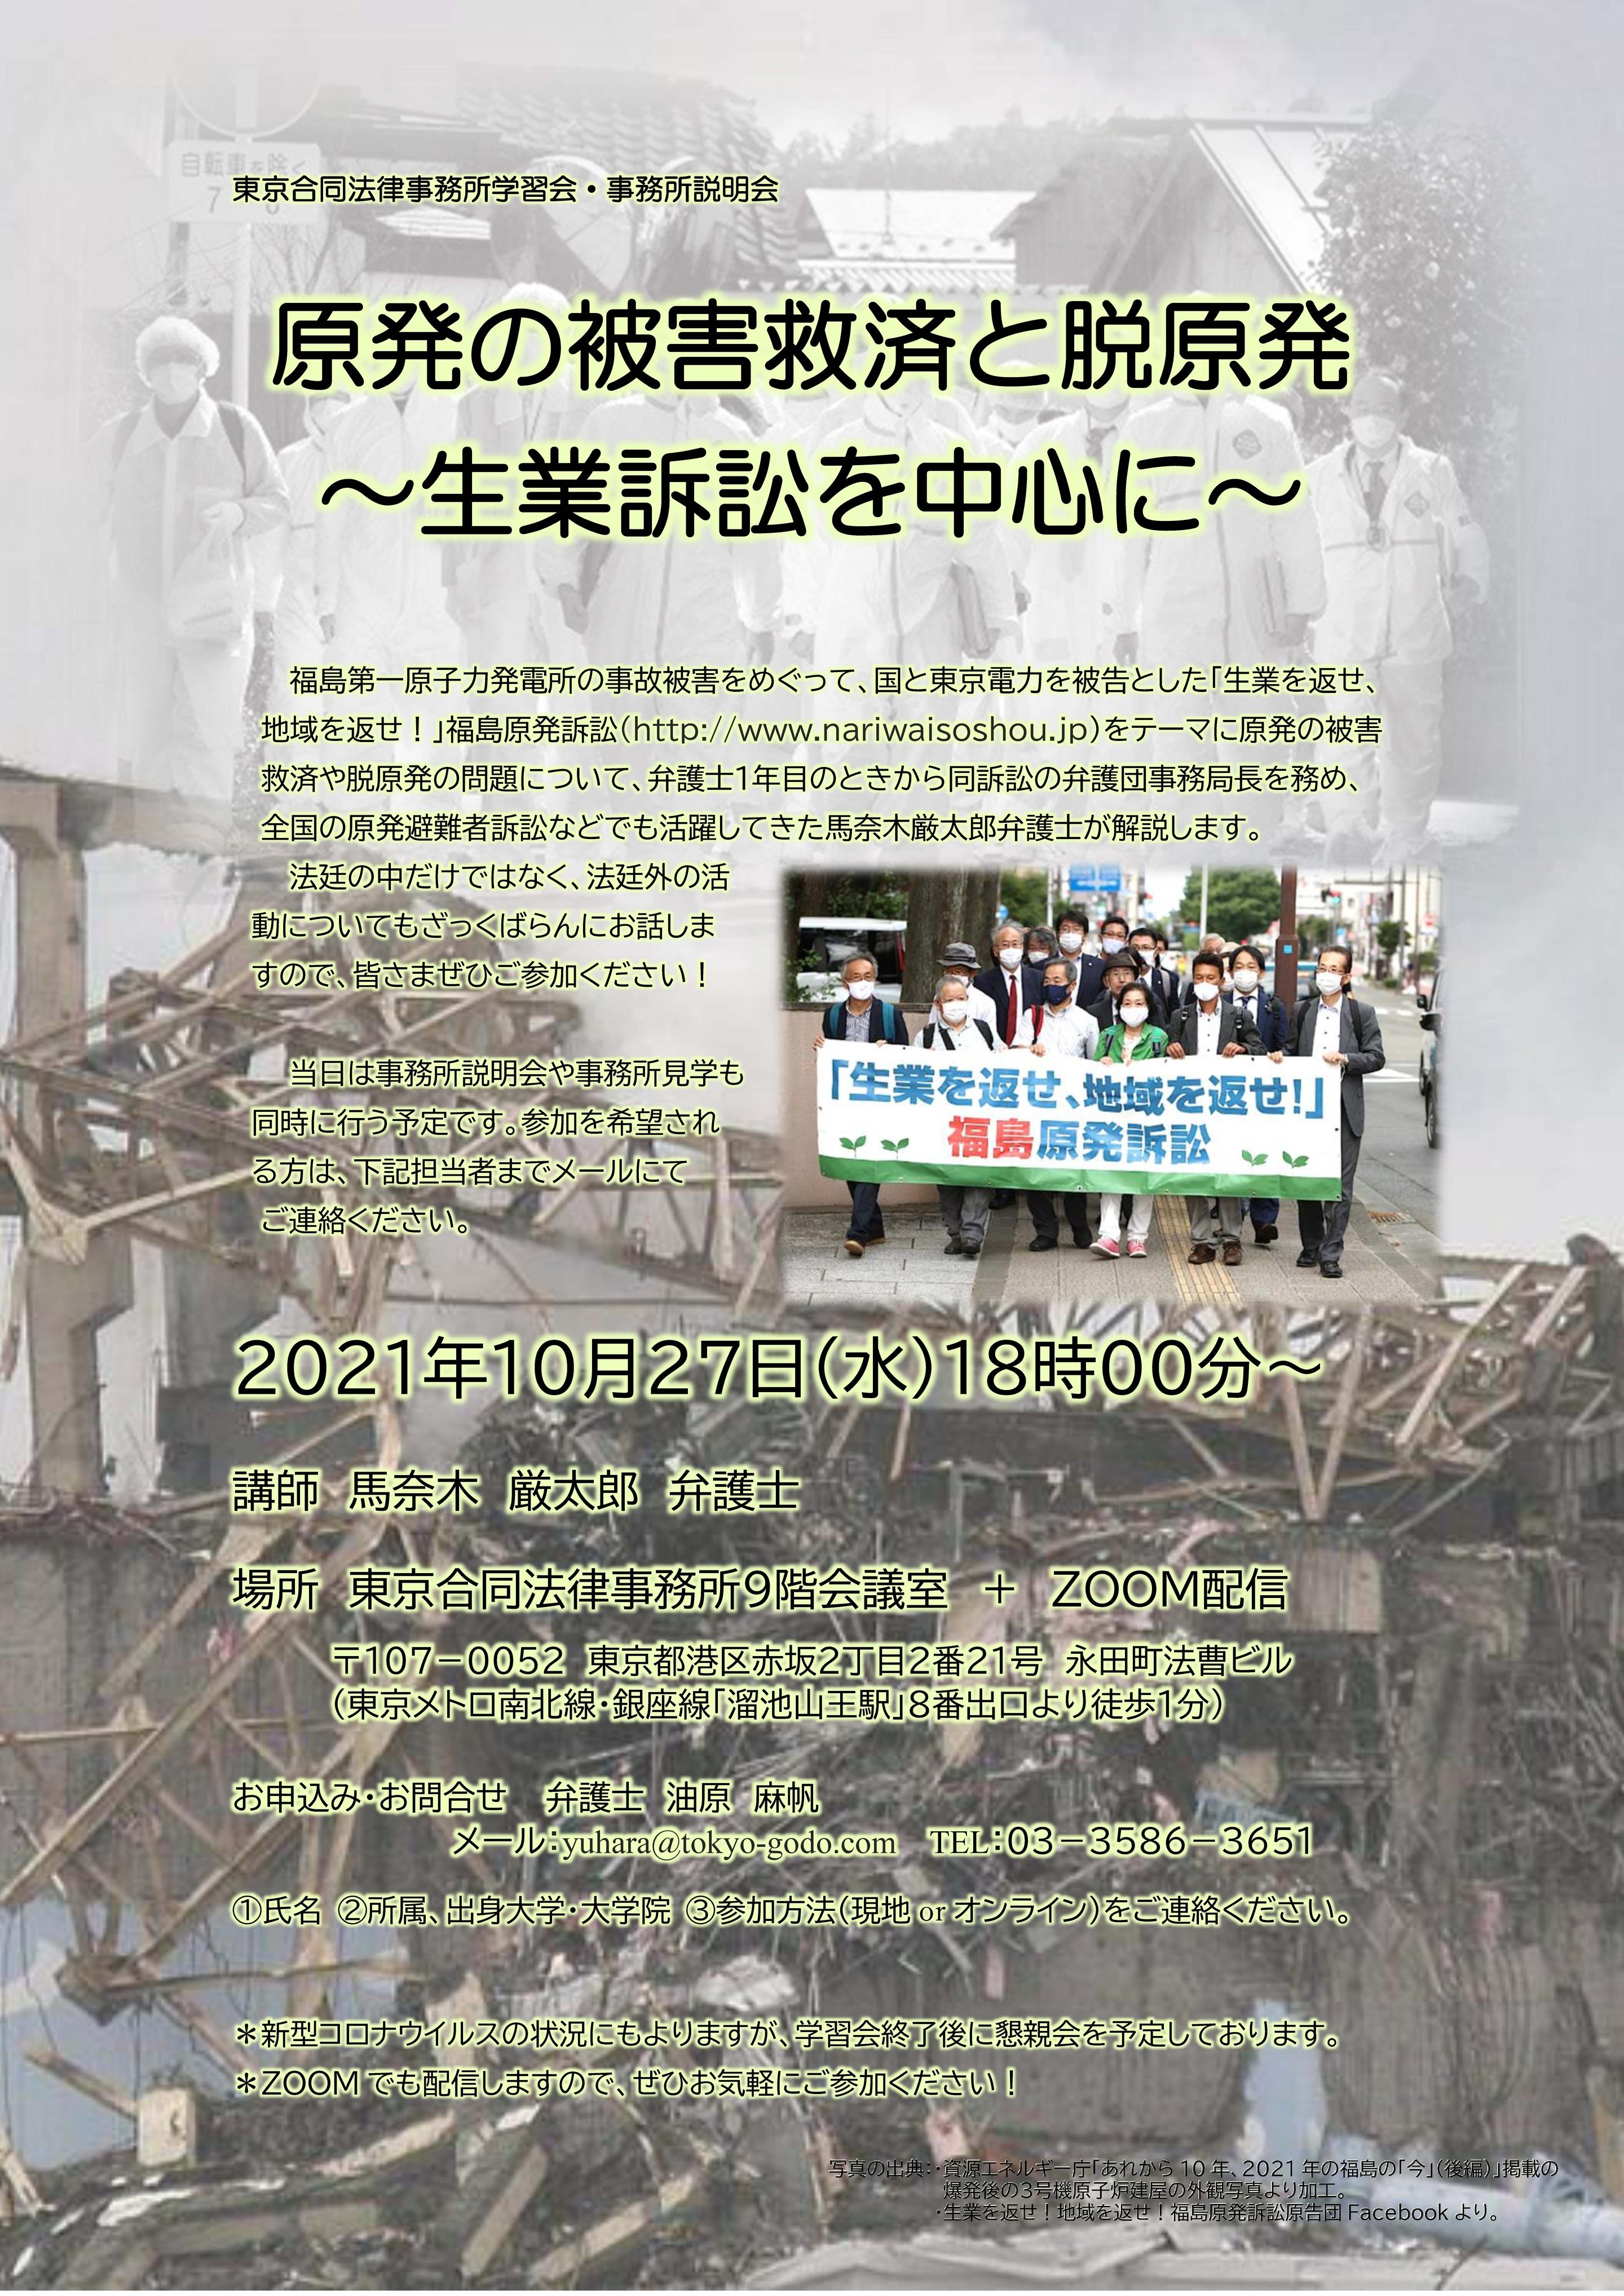 東京合同法律事務所学習会・事務所説明会チラシ